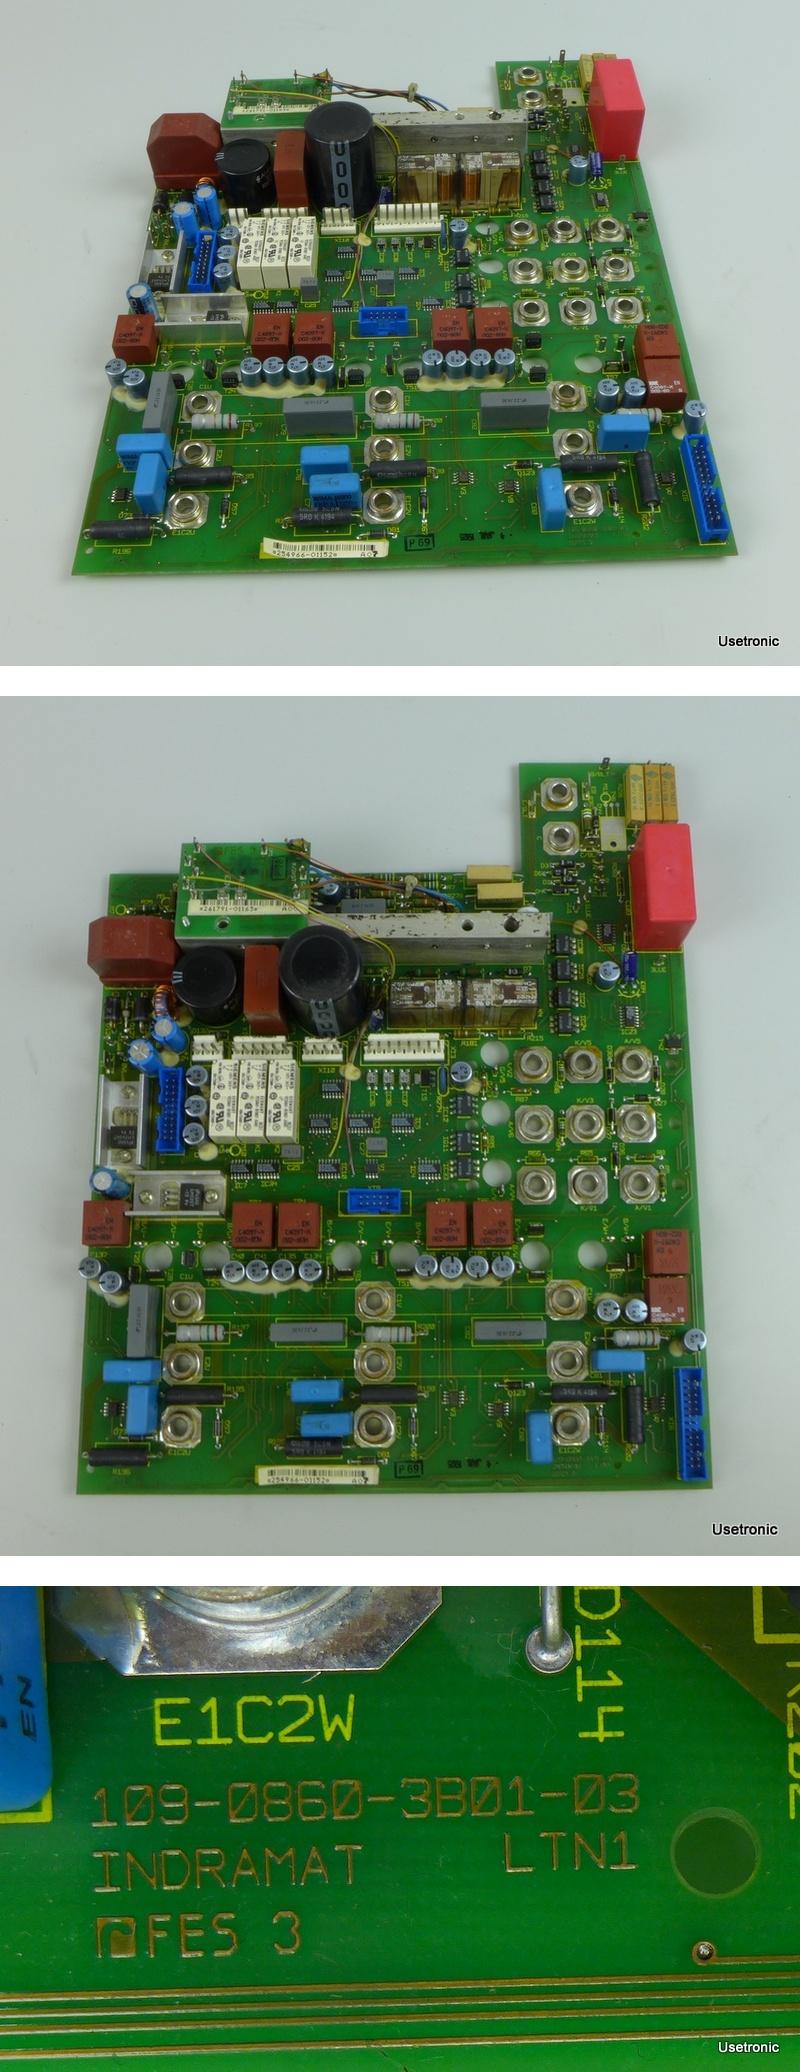 Indramat LTN 1 109-0860-3B01-03